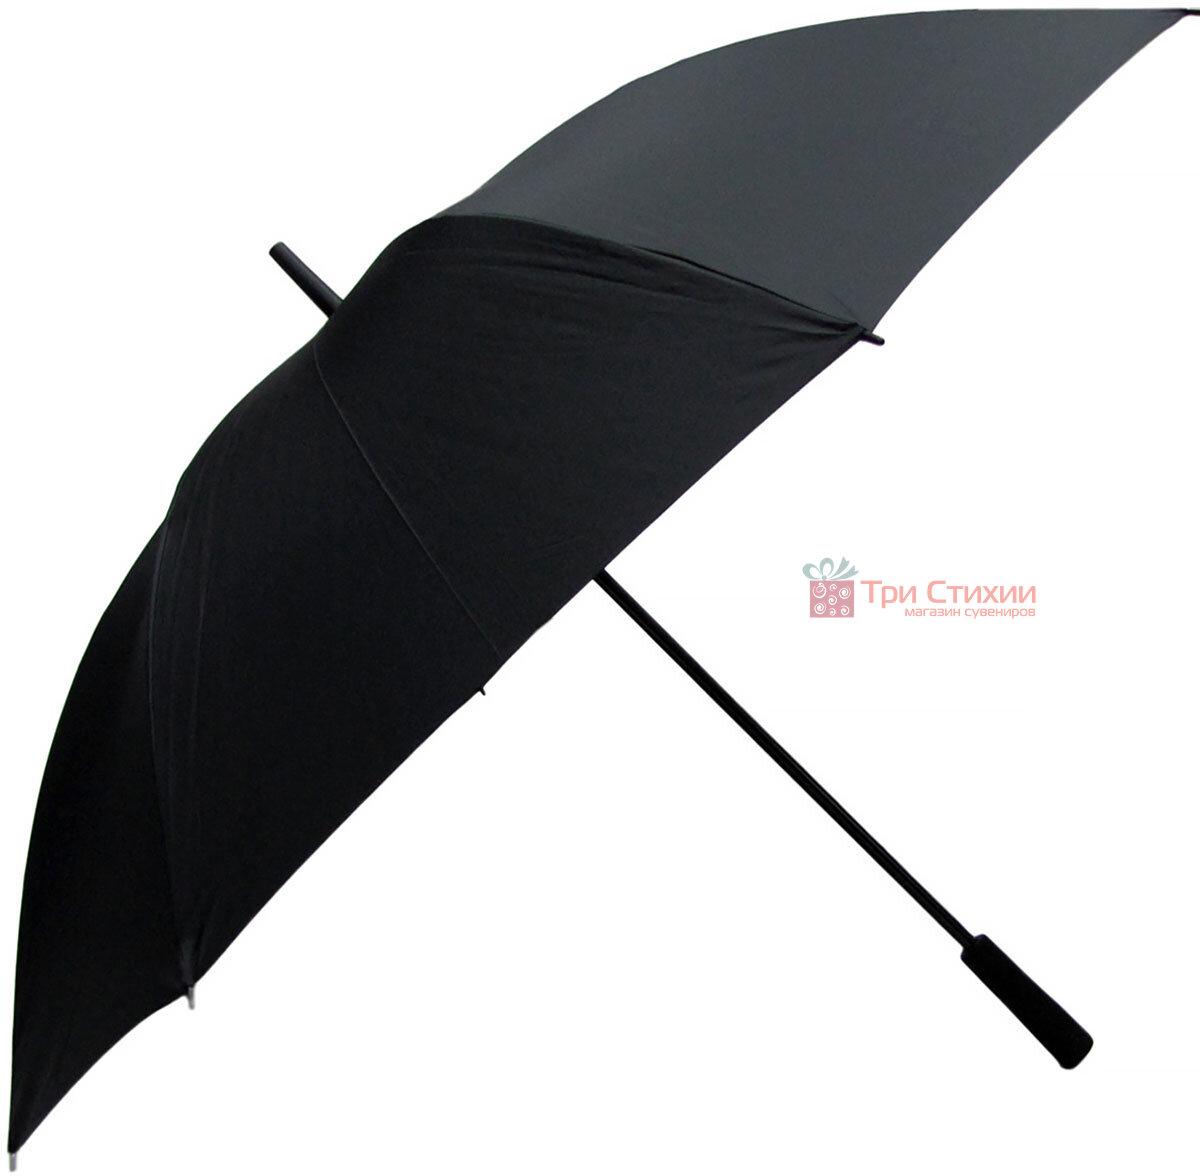 Зонт-трость Doppler ZERO XXL 71963DSZS механический Черный, фото 3